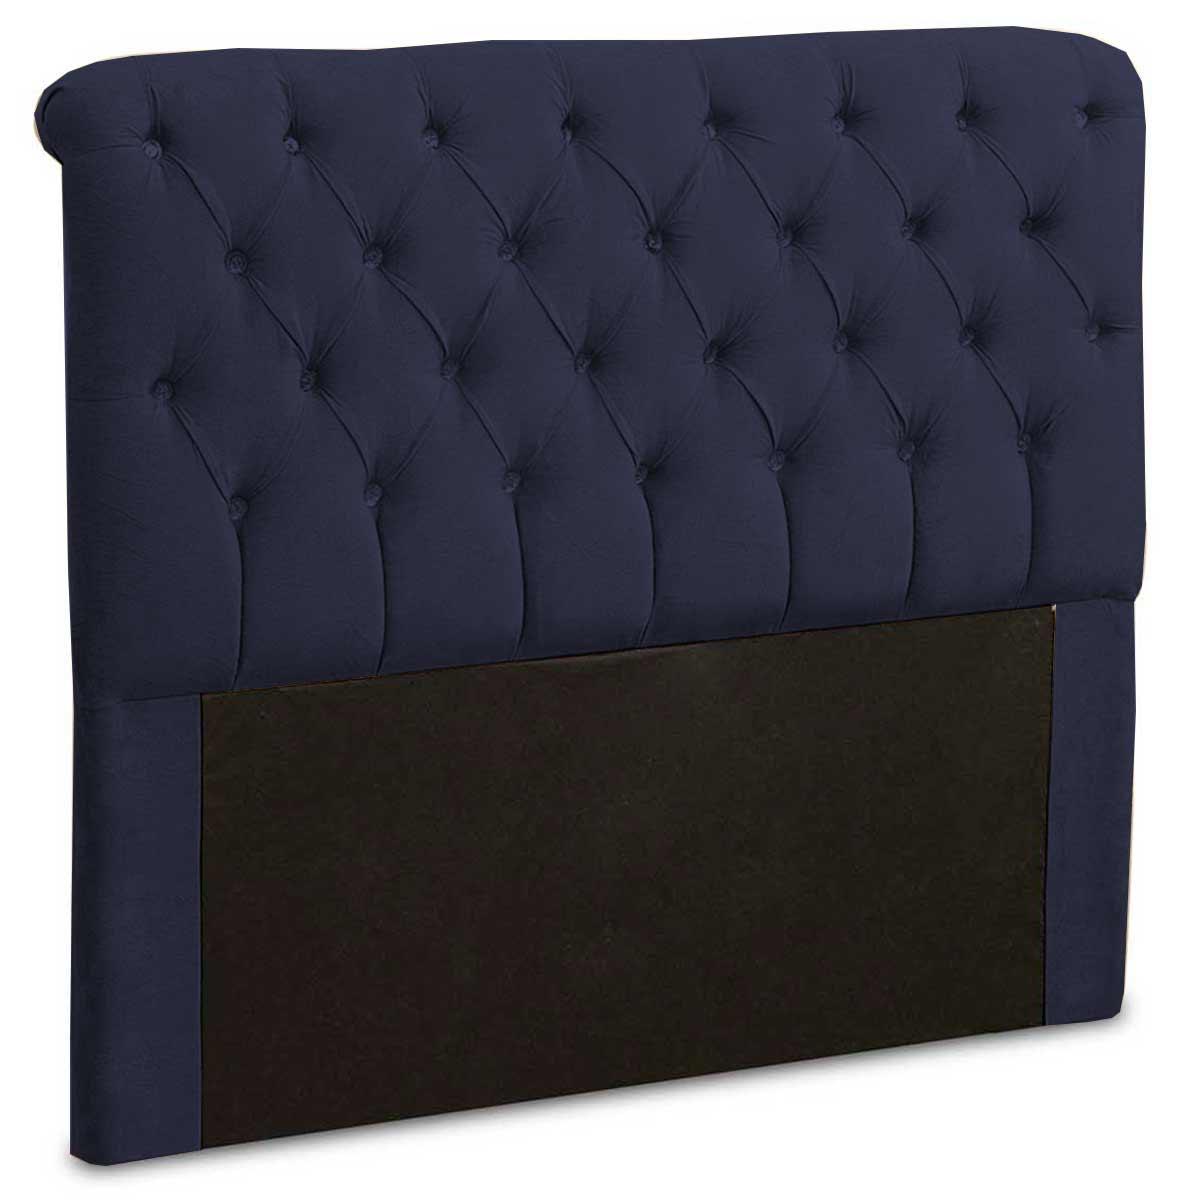 Cabeceira Casal Estofada Maria 140 cm Suede Azul Marinho